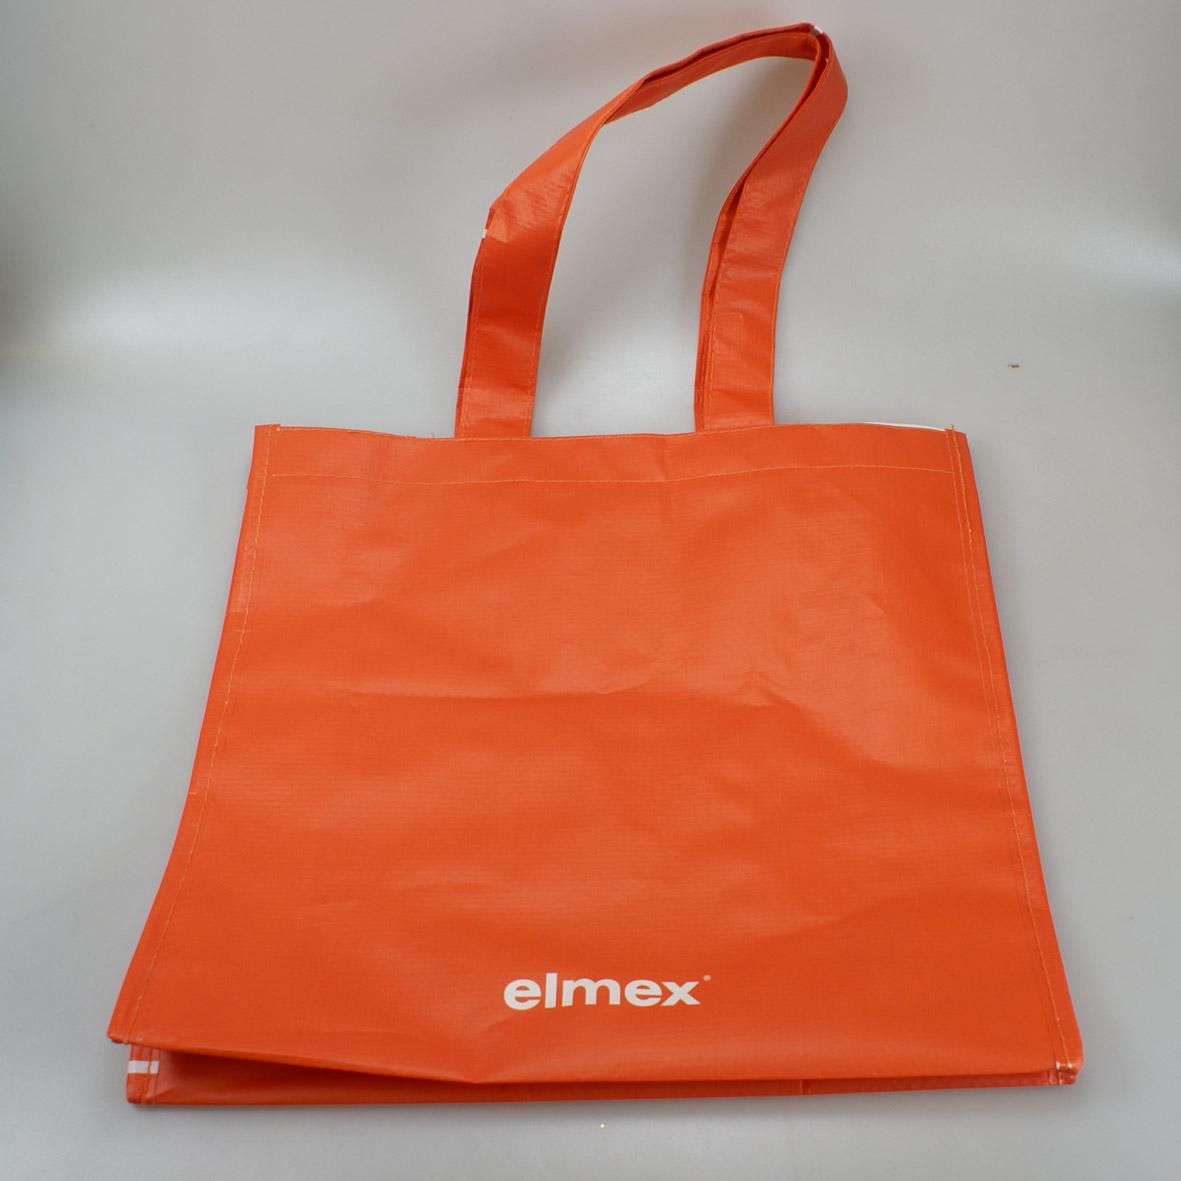 Shopper elmex Image